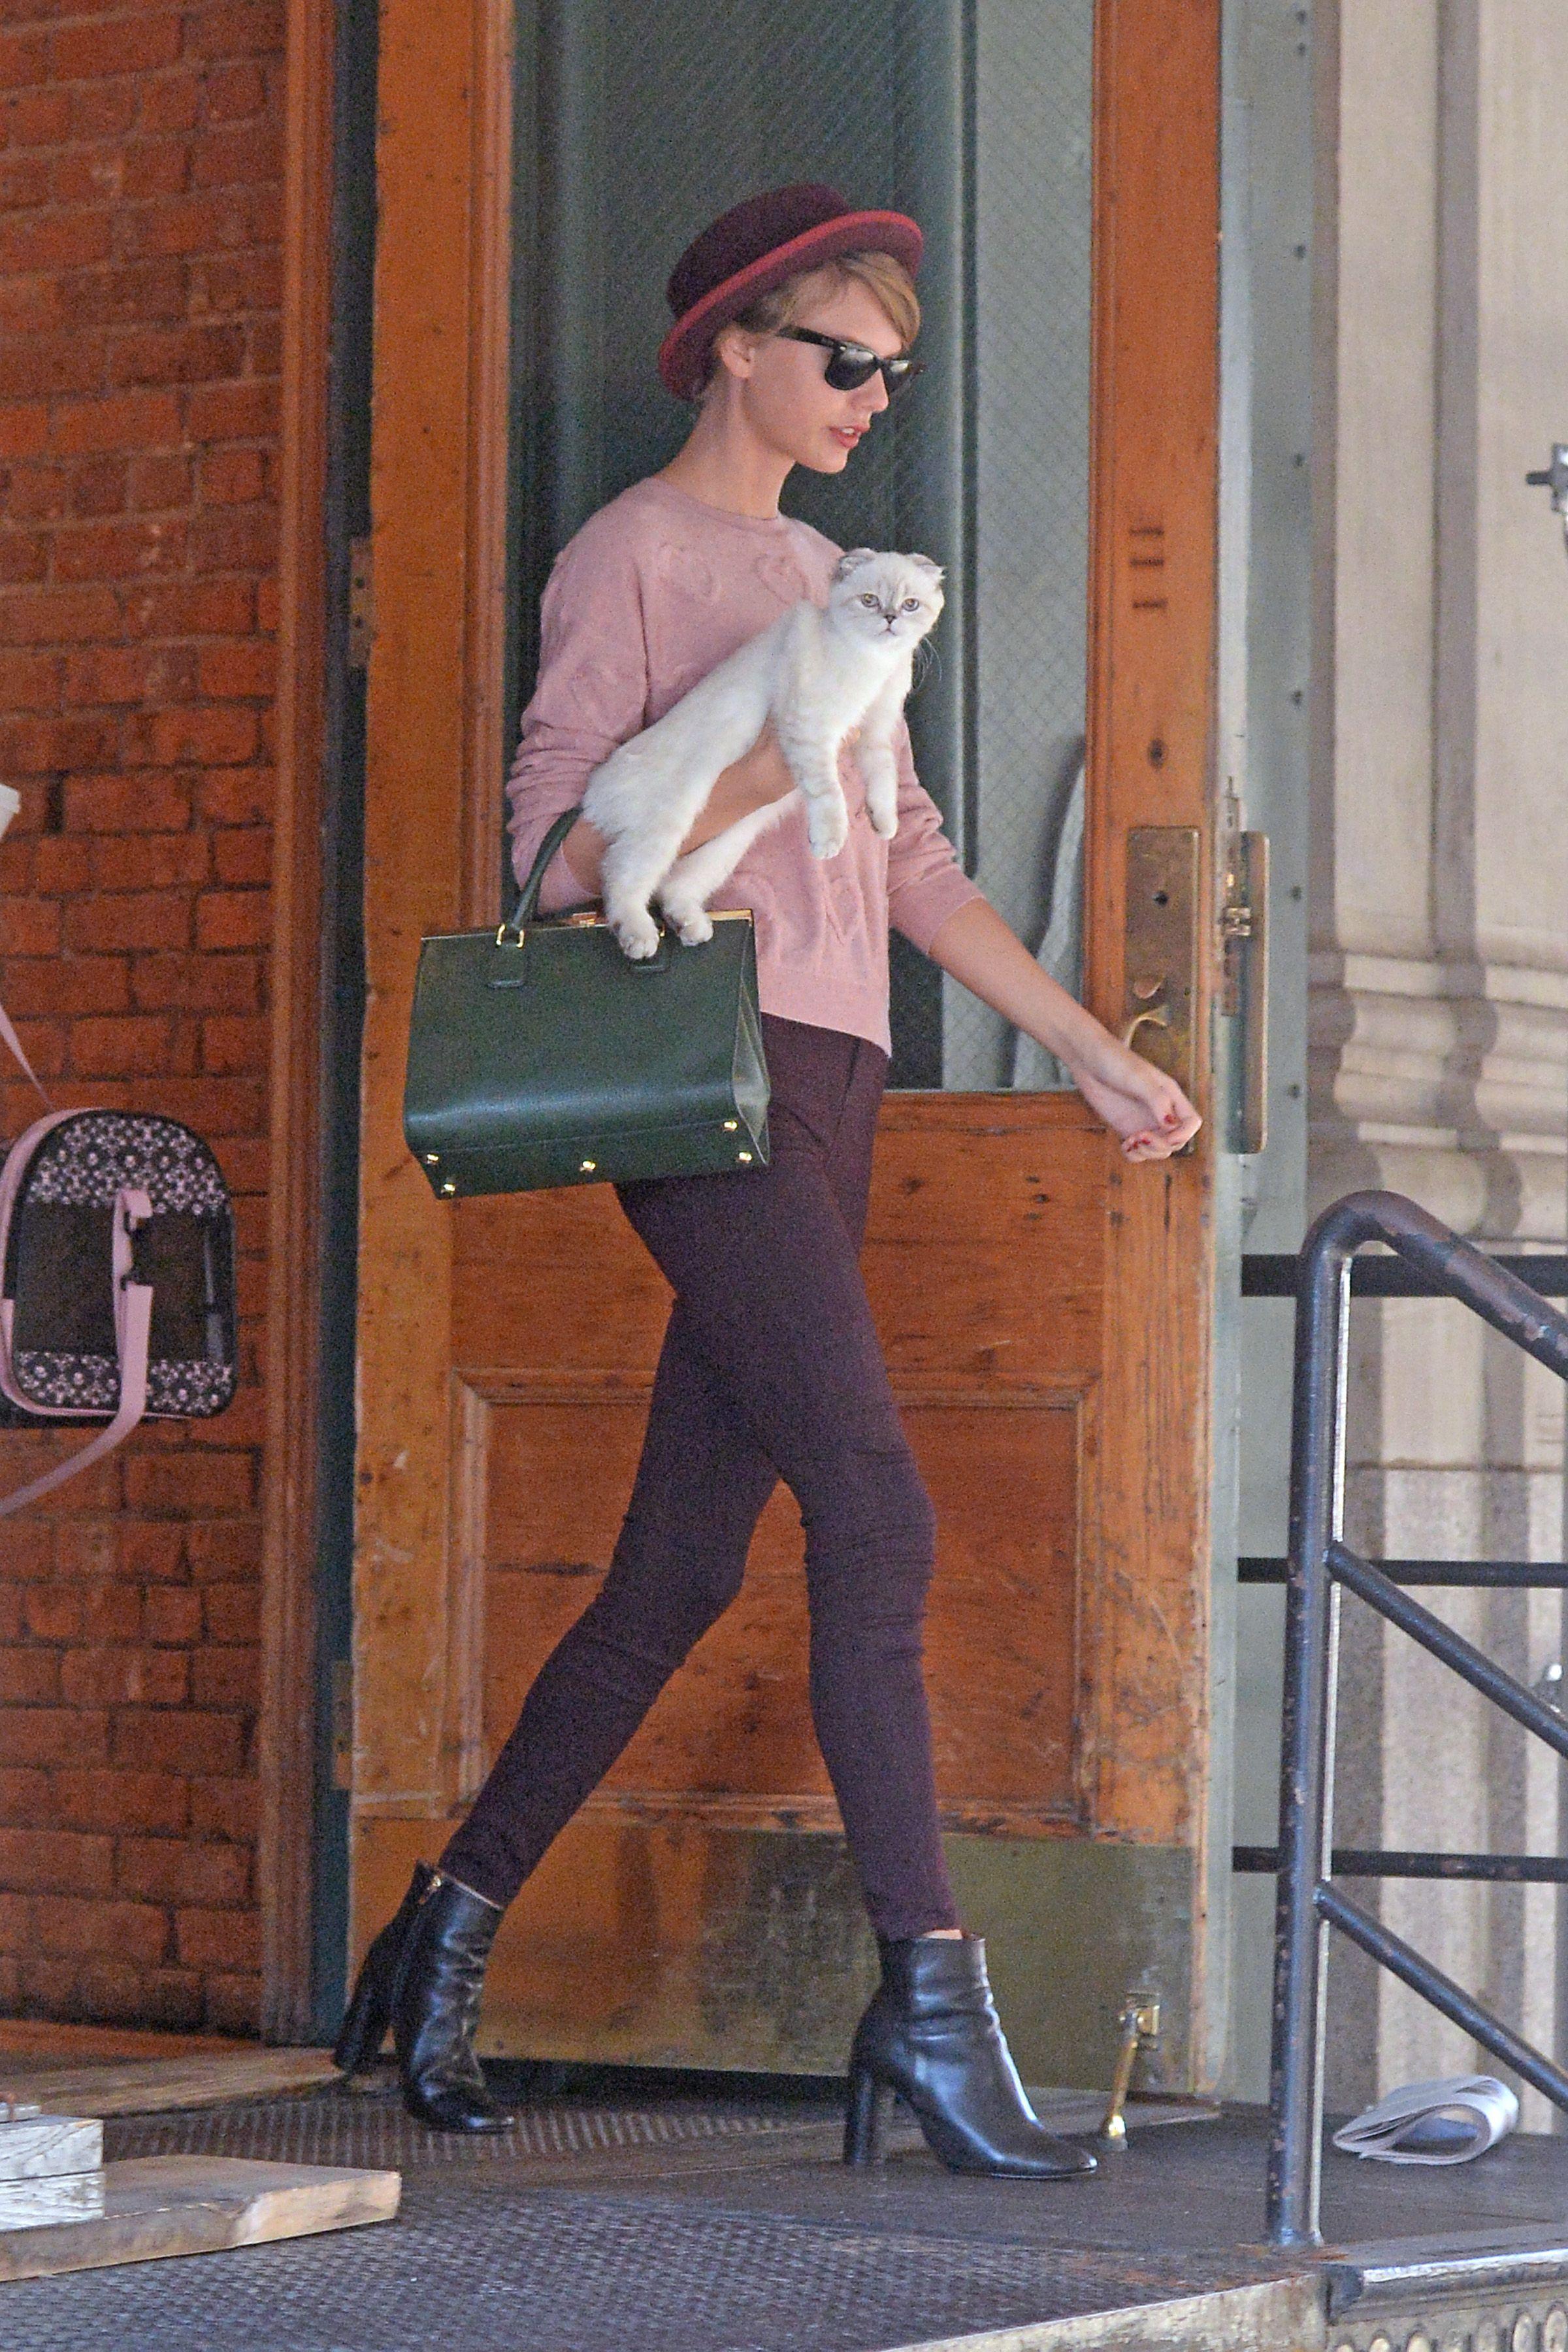 Leaving her apartment | New York | September 23 2014